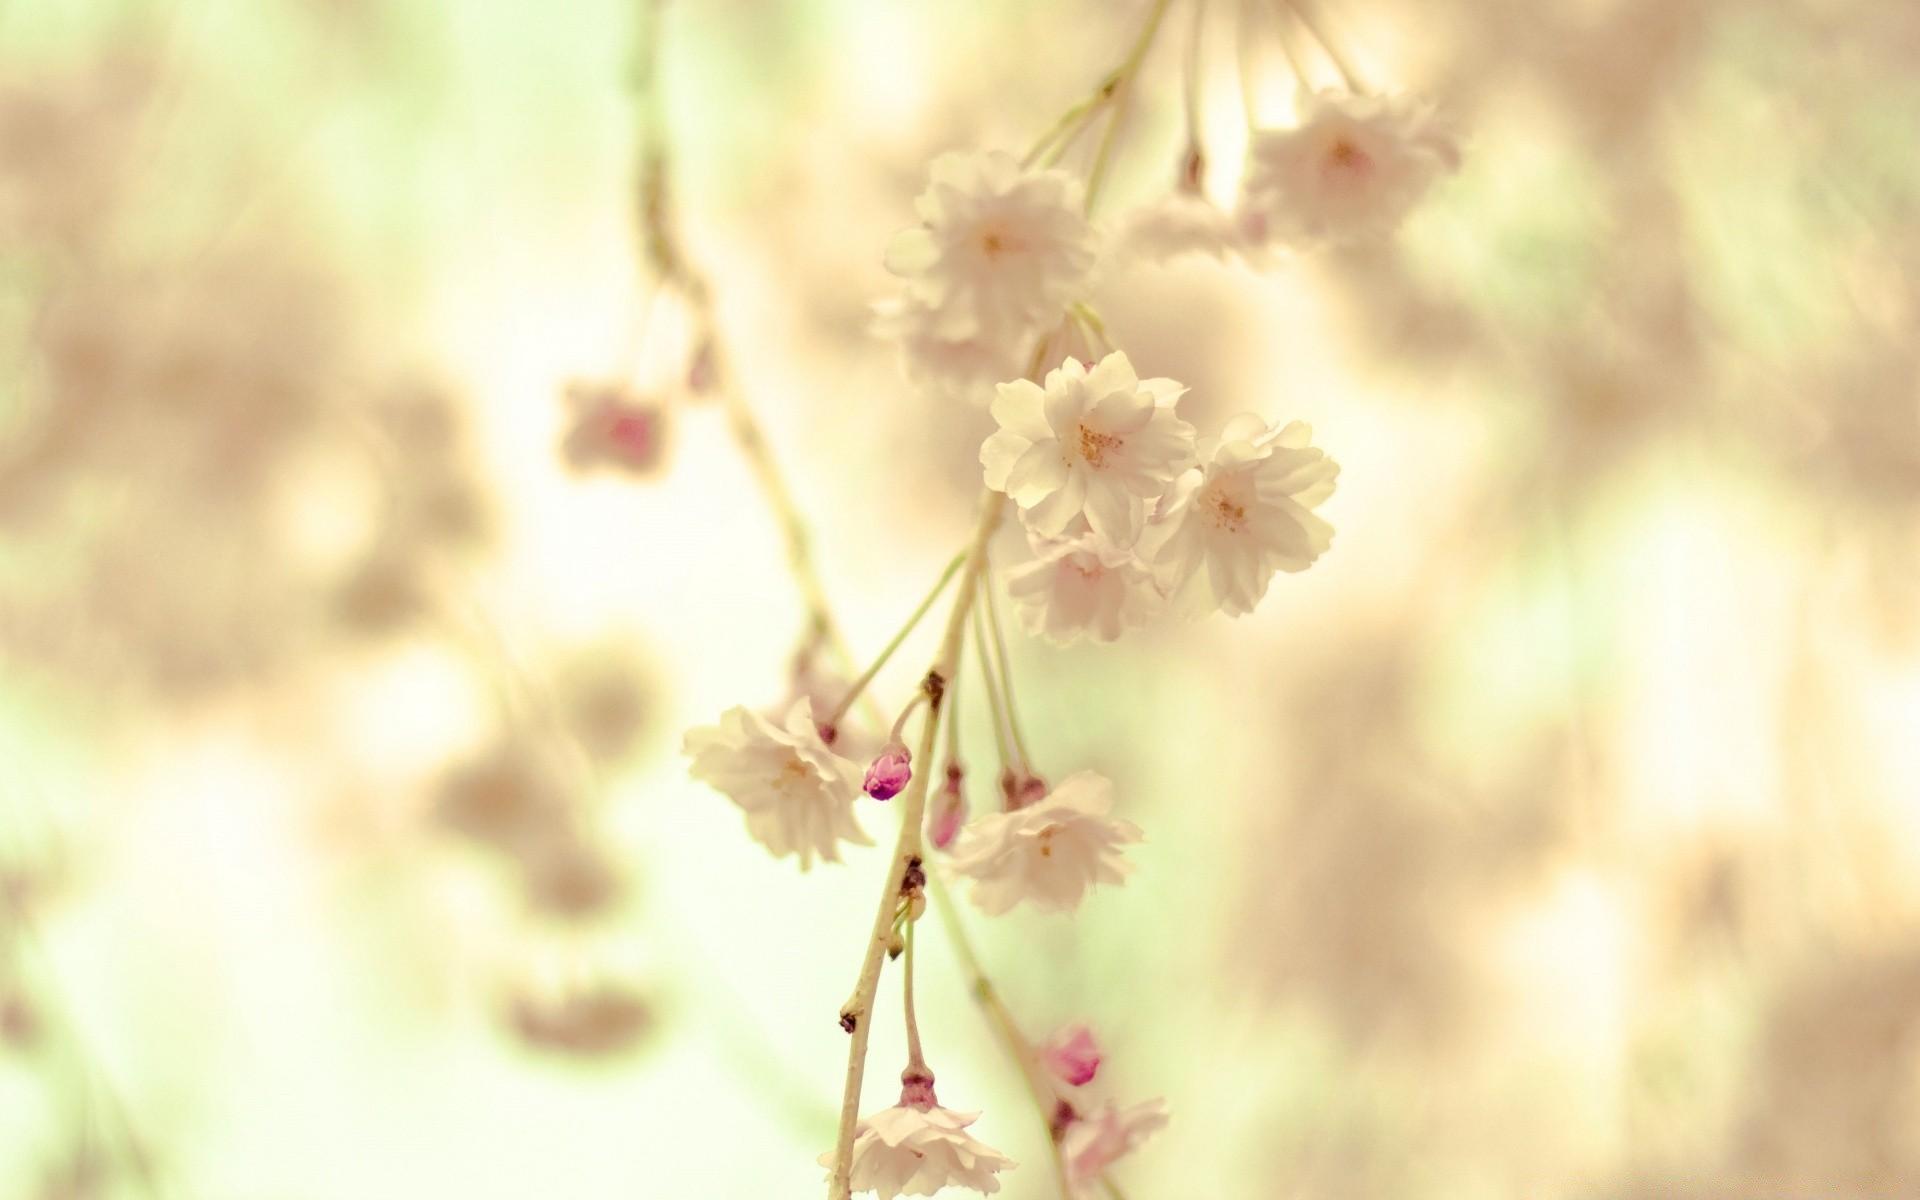 предлагаю картинки весны со светлым фоном это результате образования